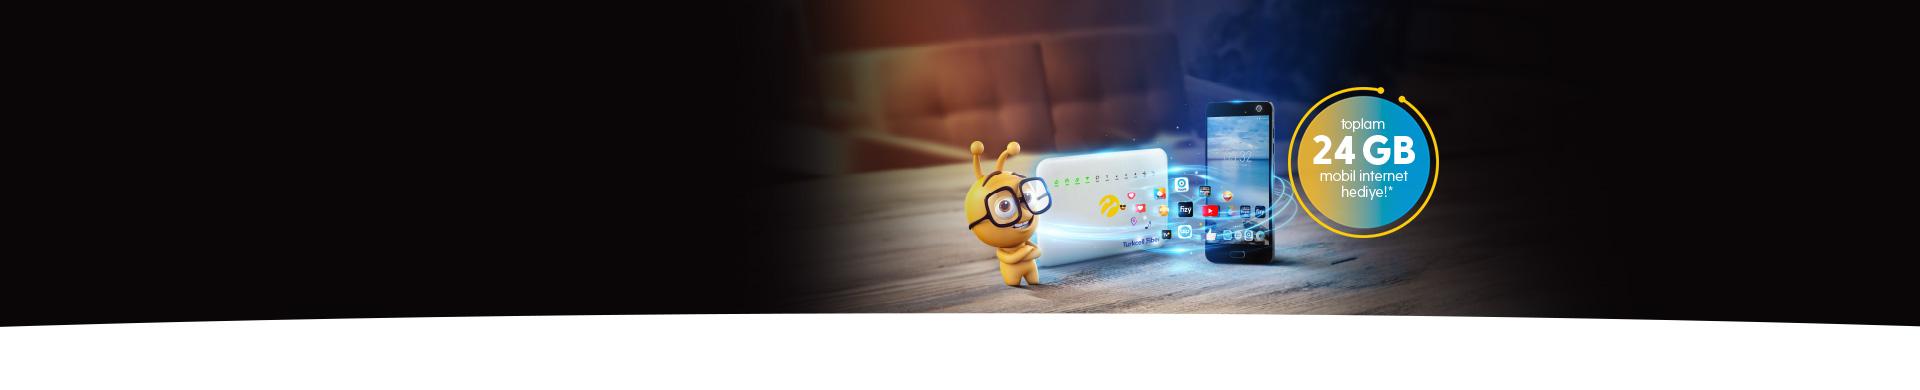 Turkcell Fiber Cebinize Taşıyor Şimdi Turkcell Fiber'e gelenlere mobil internet hediye!